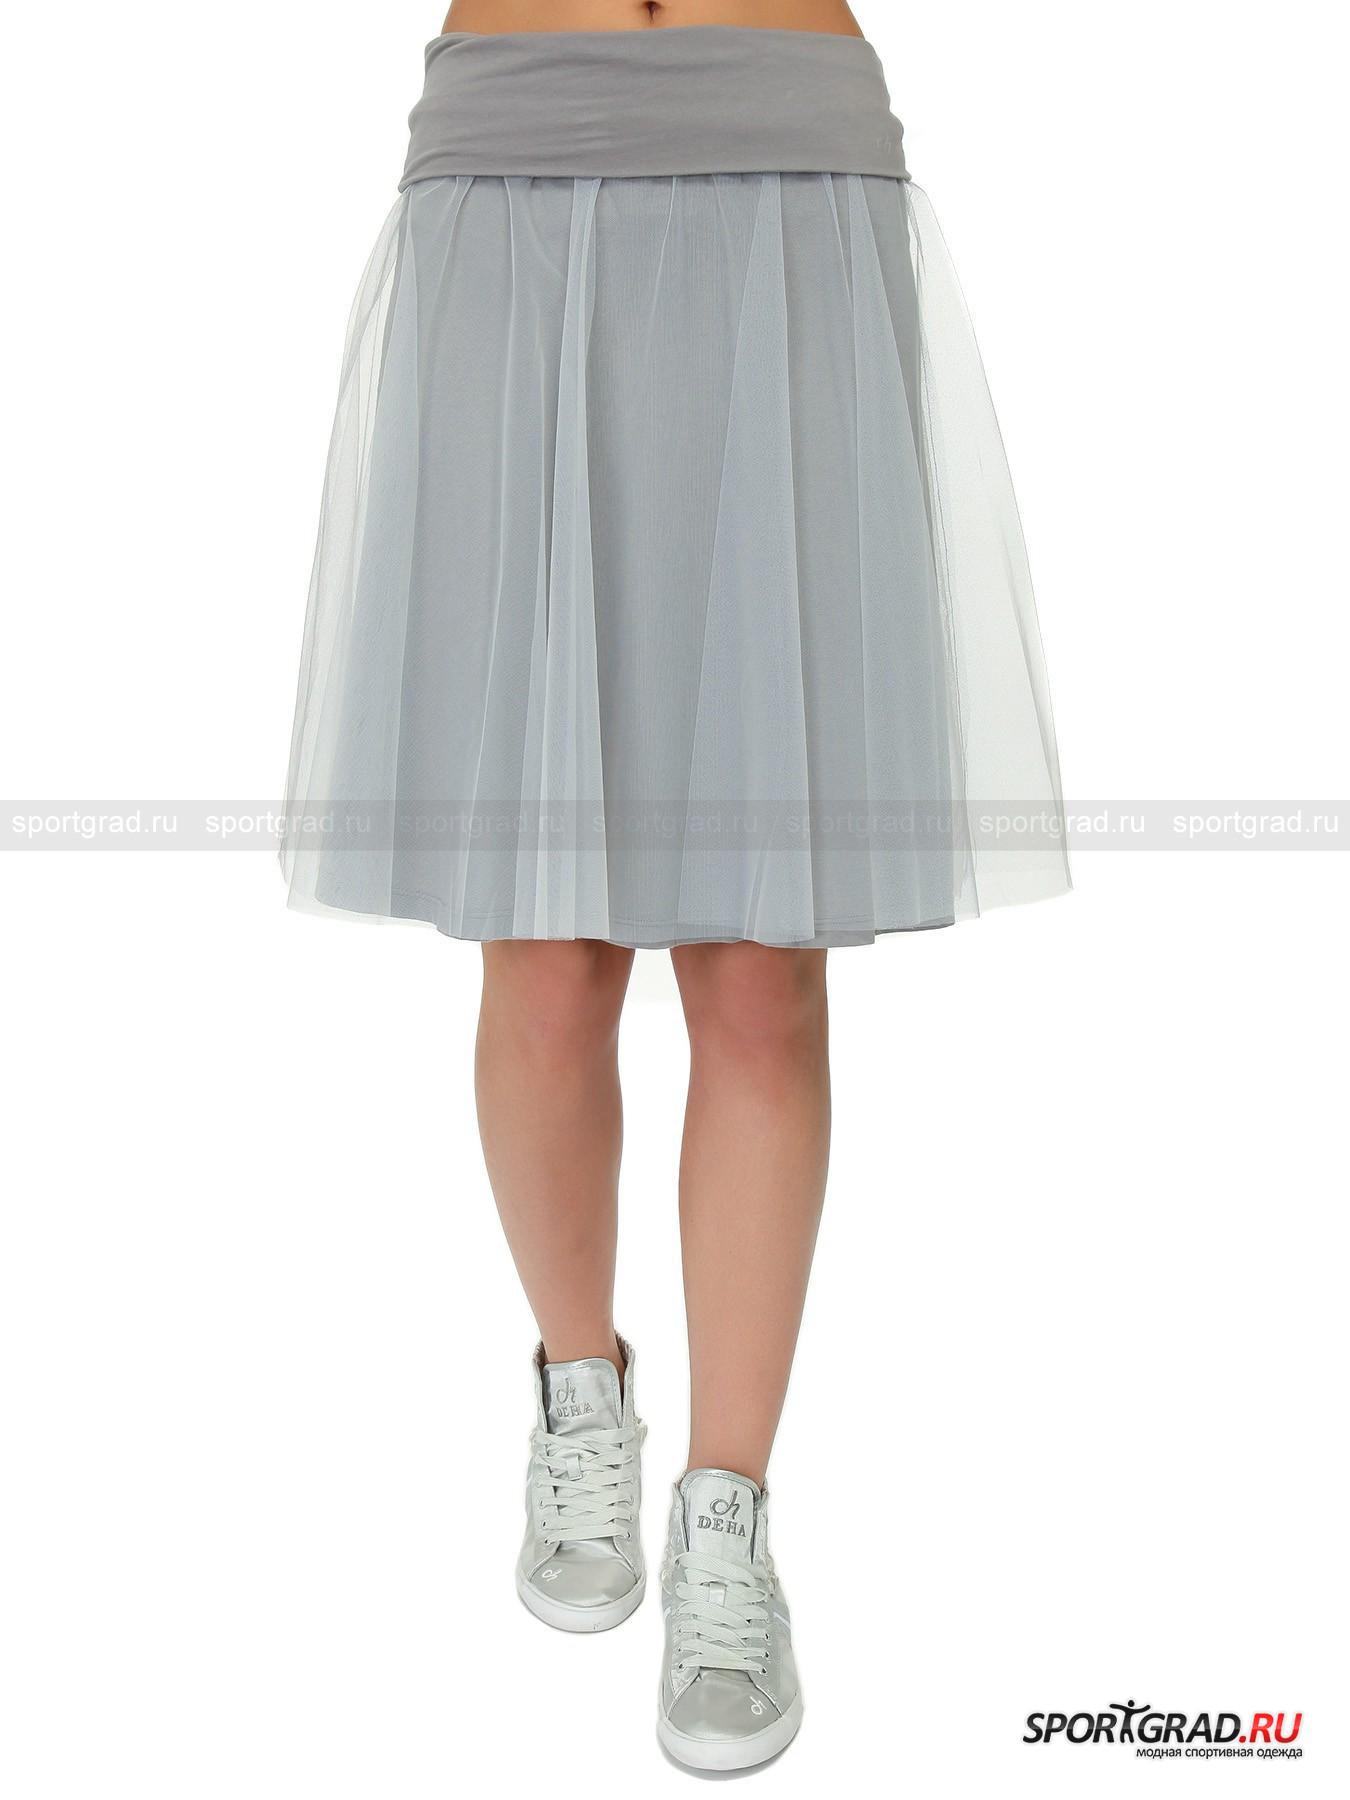 Юбка женская  DEHA с полупрозрачным верхним слоемЮбки<br>Дивная женская юбка DEHA с флером полупрозрачной сеточки поверх стрейчевого хлопкового полотна, придающей модели отдаленное сходство с балетной пачкой – изделие, которое поможет подчеркнуть хрупкость и весеннюю беспечность своей владелицы.<br><br>Свободный крой гарантирует владелице юбки комфорт как шага, так и танцевальных движений, а эластичность двойного пояса со стильным подворотом наружу и изящным серебристым напылением логотипа на левом бедре – надежность посадки.  <br><br>Длина изделия сзади от пояса до низа 51 см, ширина пояса 32 см (размер 36).<br><br>Пол: Женский<br>Возраст: Взрослый<br>Тип: Юбки<br>Рекомендации по уходу: Изделию показана стирка при температуре 30°, глажка при температуре, не превышающей 110°, и химчистка. Запрещены отбеливание и сушка в стиральной машине или электросушилке для белья.<br>Состав: Поверхность: 100% полиамид. Пояс: 100% хлопок. Нижний слой: 93% хлопок, 7% эластан.